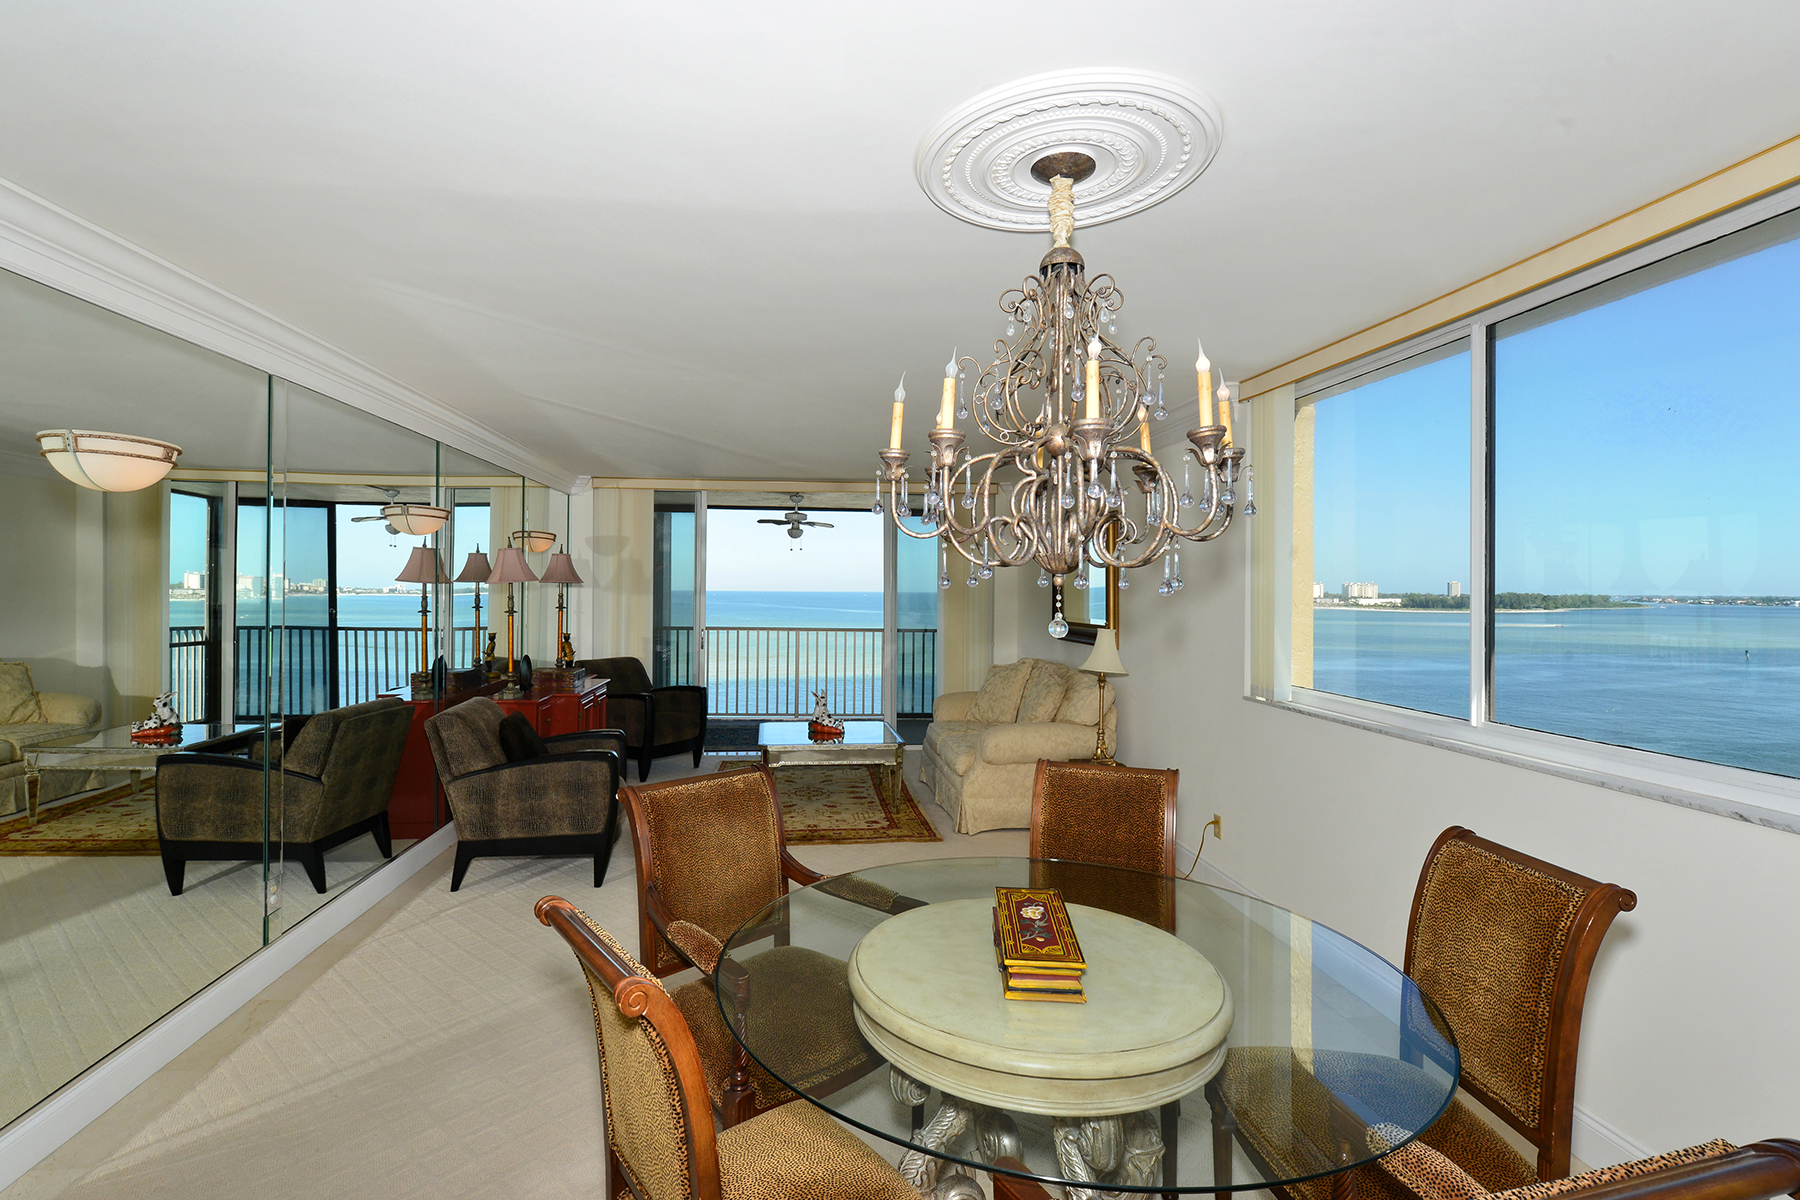 Кооперативная квартира для того Продажа на SIESTA TOWERS 4822 Ocean Blvd 9C Sarasota, Флорида 34242 Соединенные Штаты